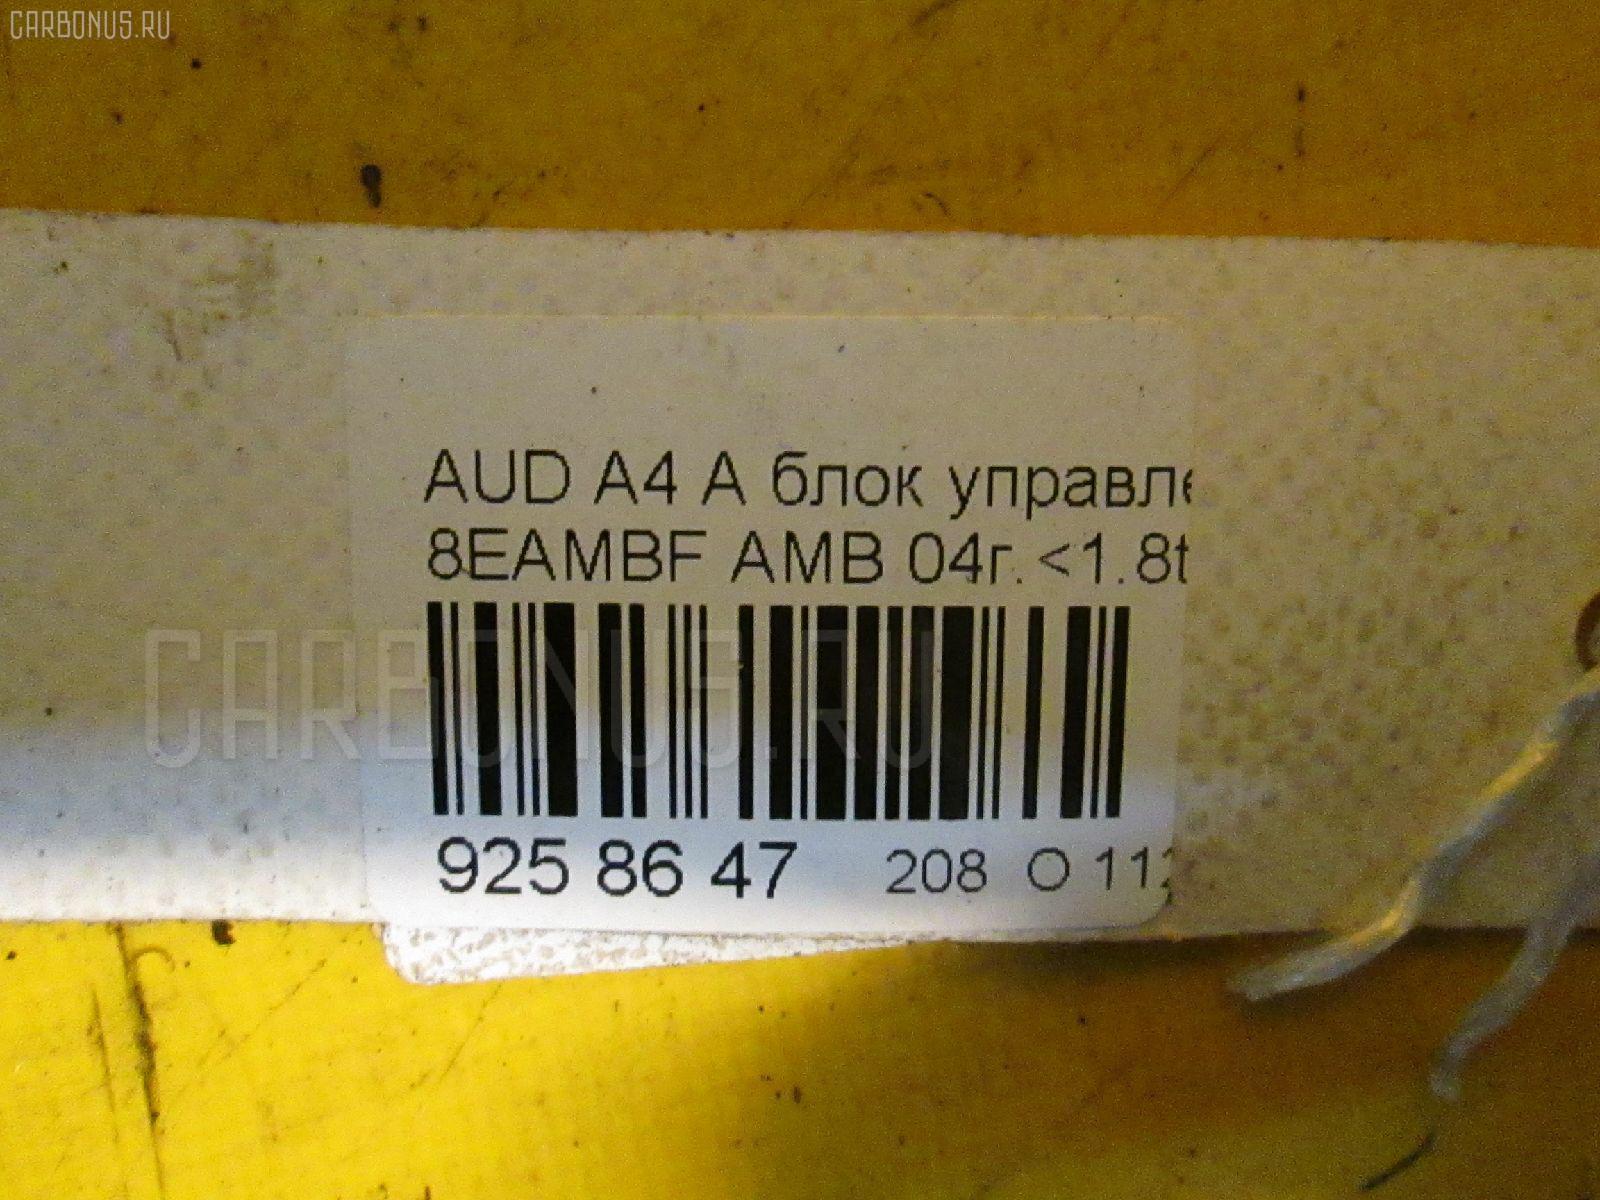 Блок управления зеркалами AUDI A4 AVANT 8EAMBF AMB Фото 3